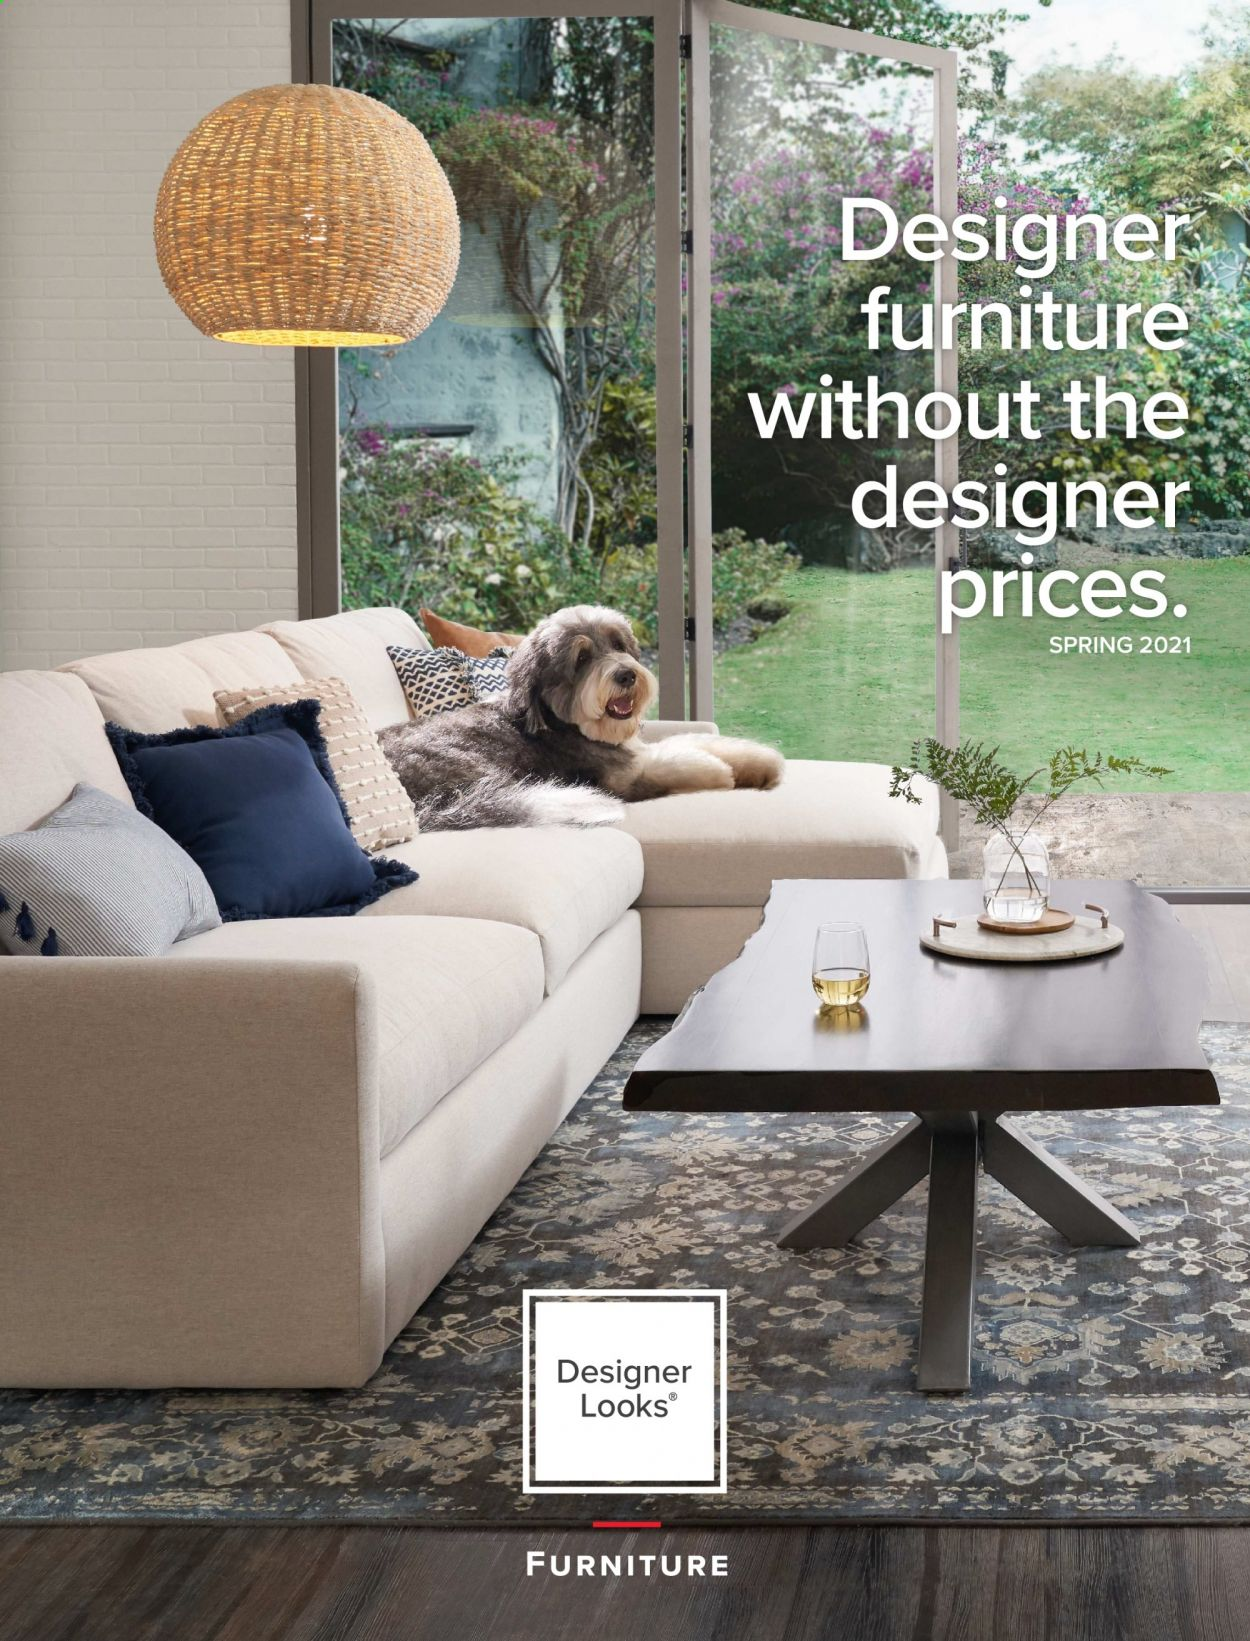 American Signature Furniture Spring 2021 Designer Looks